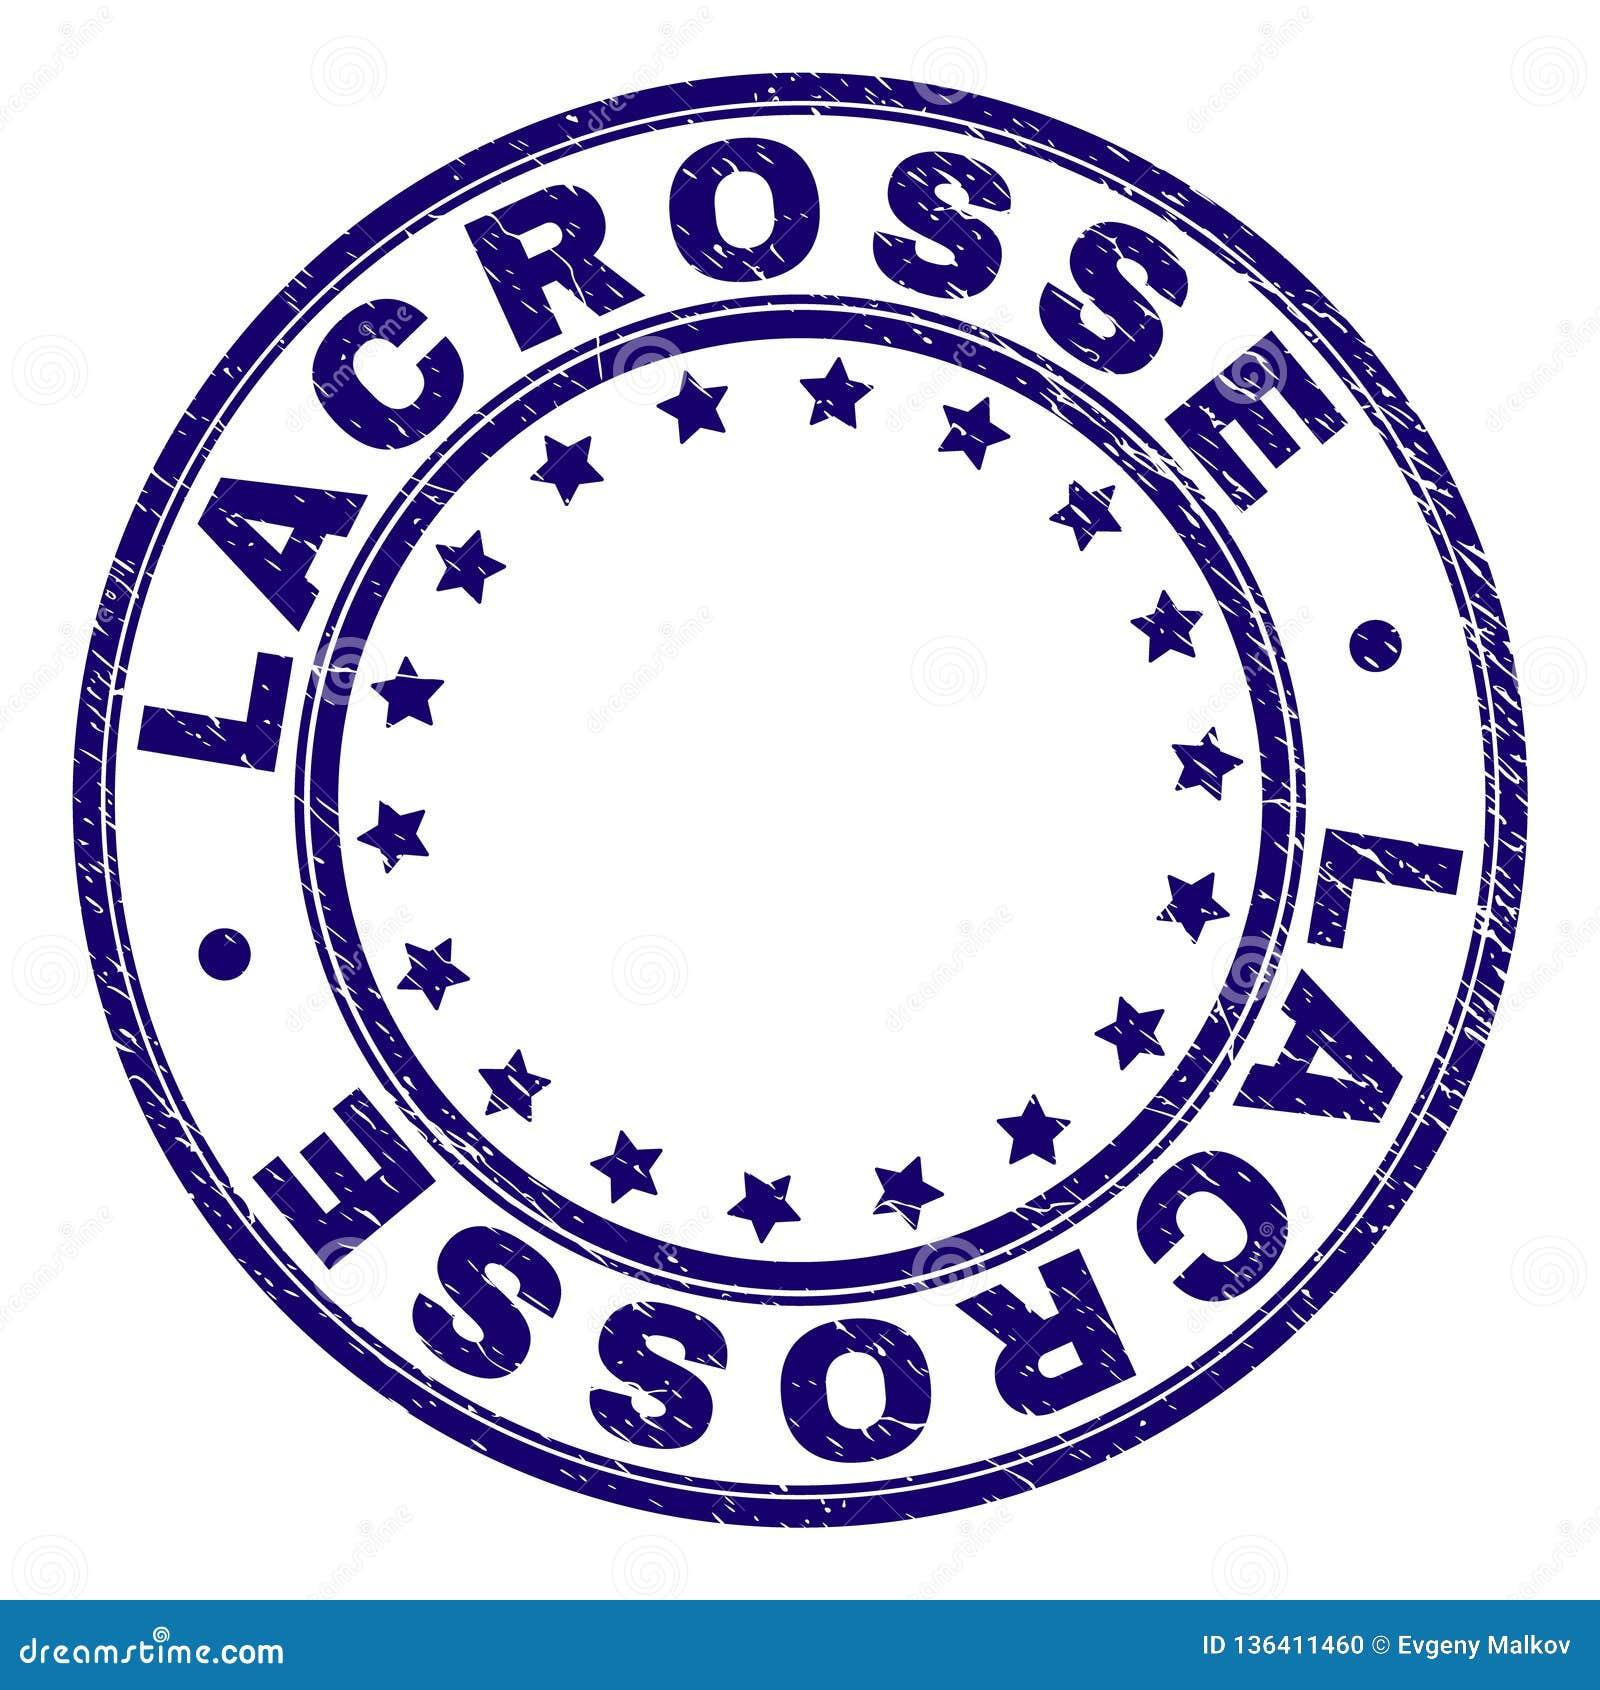 Grunge Textured LACROSSE Round znaczka foka